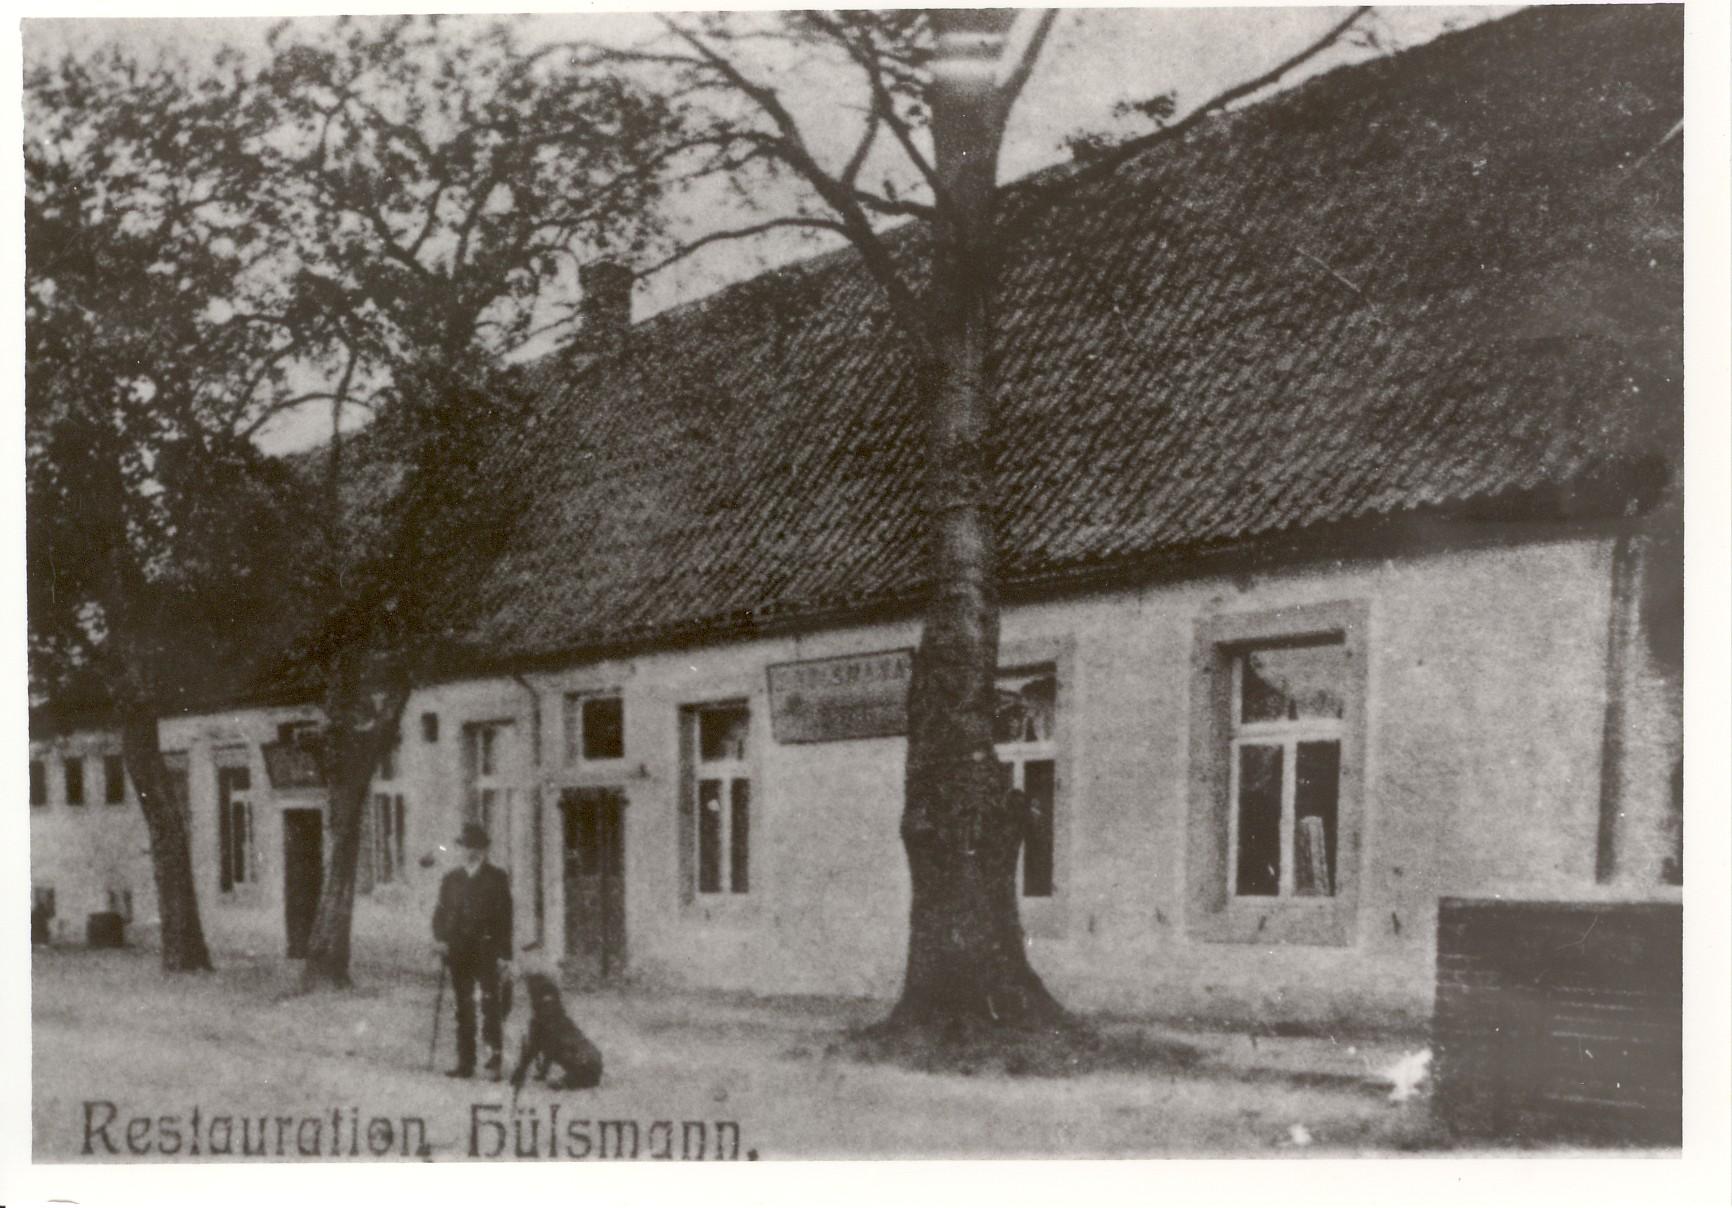 Gastwirtschaft Hülsmann heute Profi Siepenkort